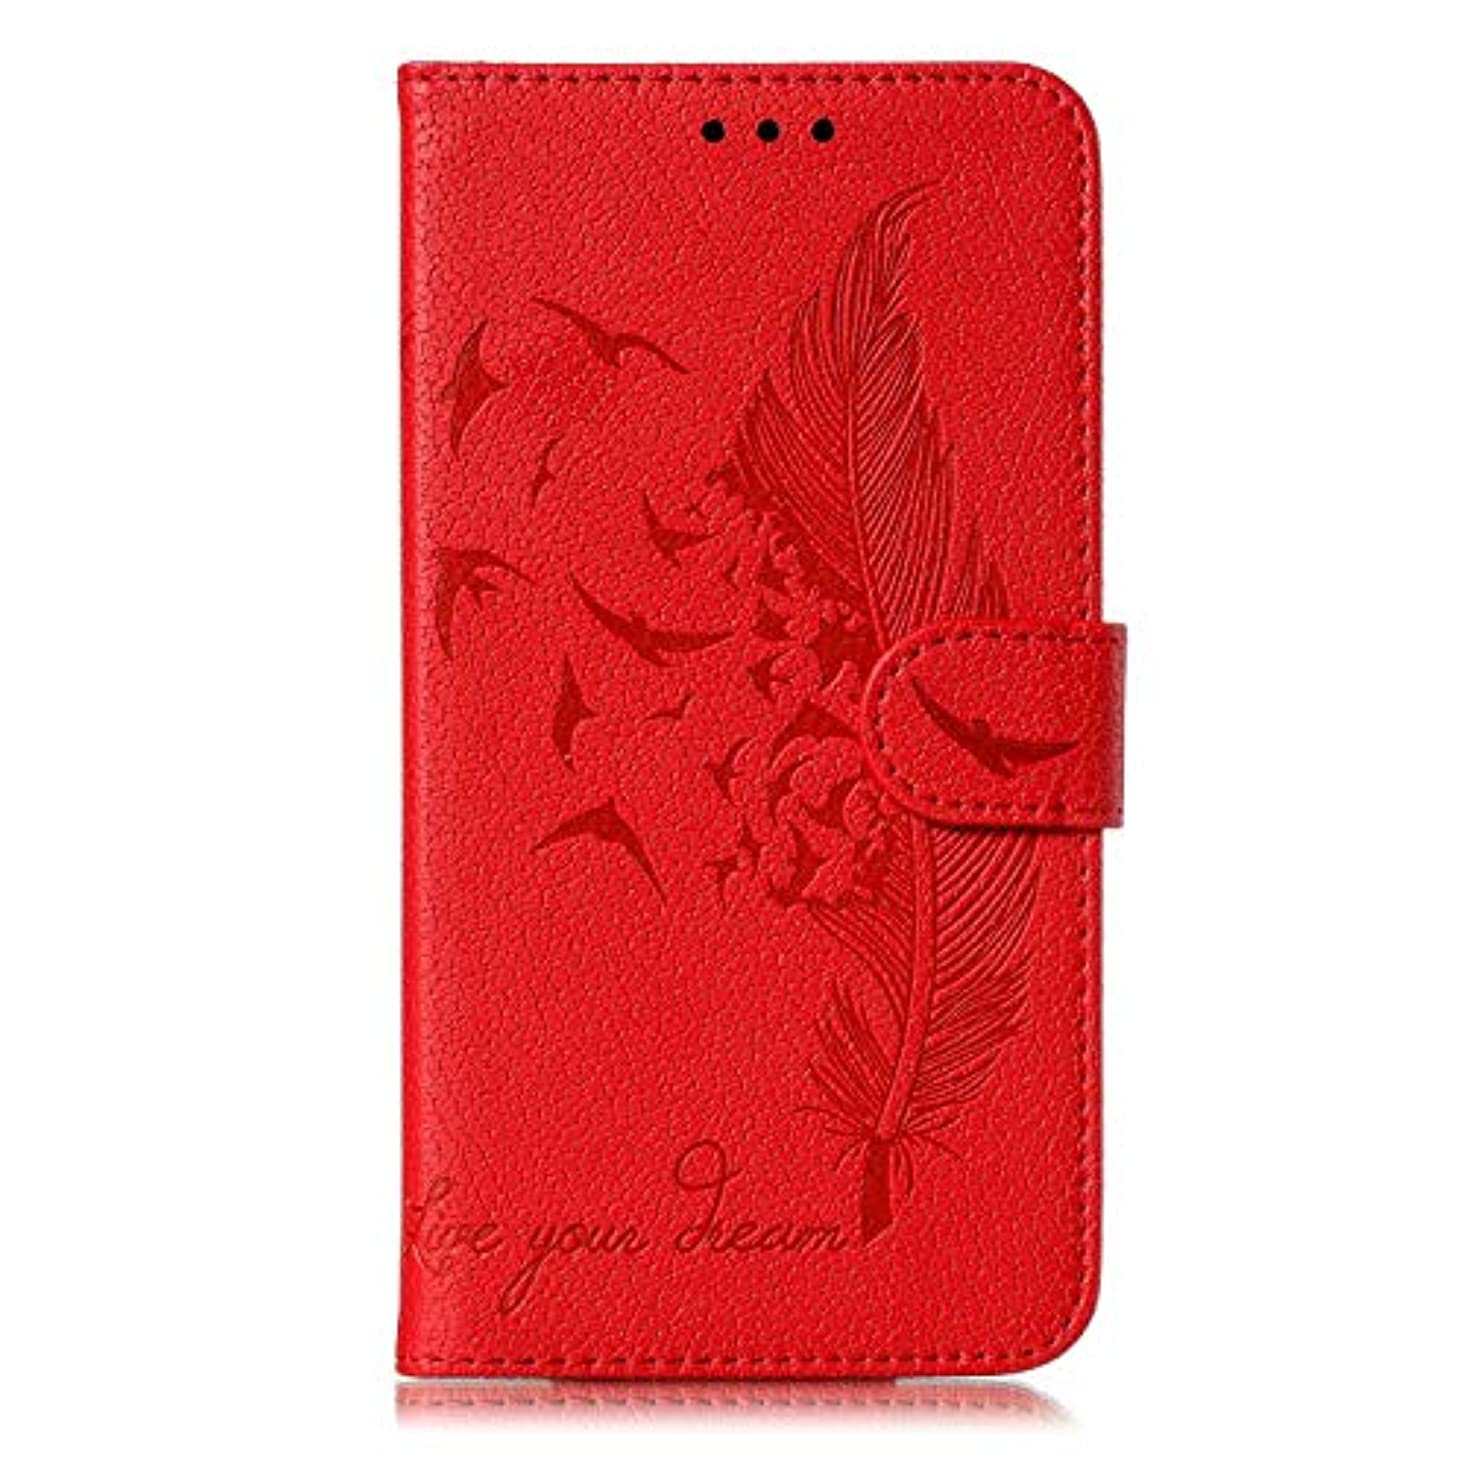 ゴルフ美的道徳Galaxy A70 ケース, OMATENTI PUレザー手帳型 ケース, 薄型 財布押し花 フェザー柄 スマホケース, マグネット開閉式 スタンド機能 カード収納 付き人気 新品, 赤